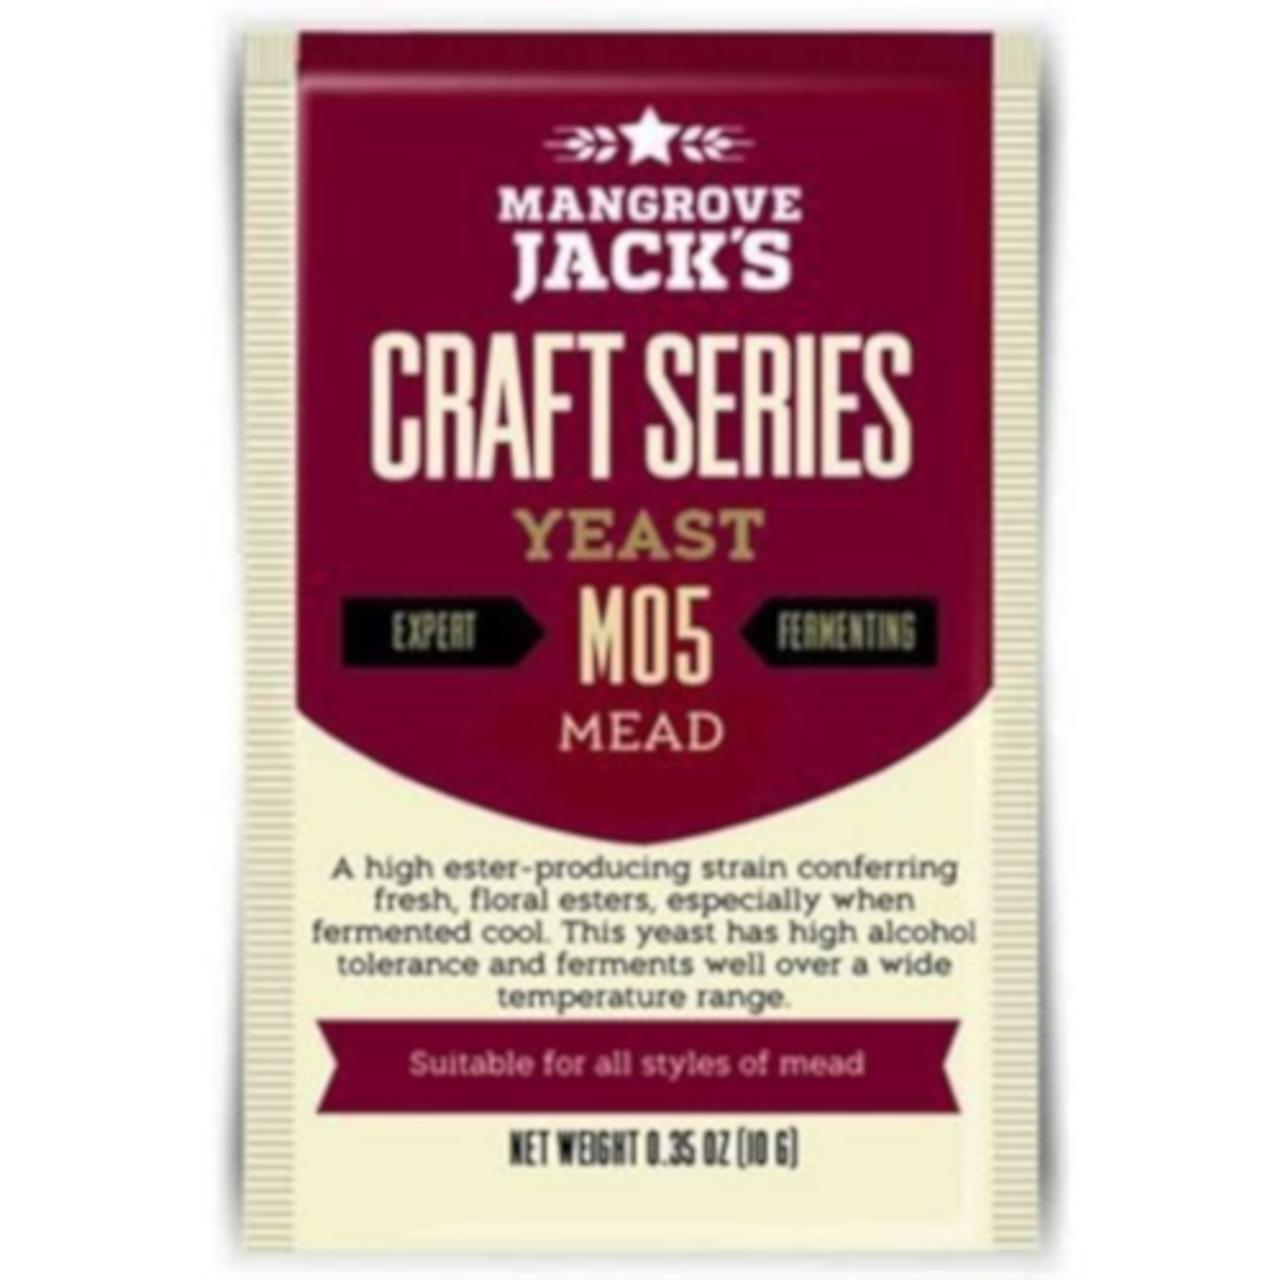 Mangrove Jack Mead Yeast